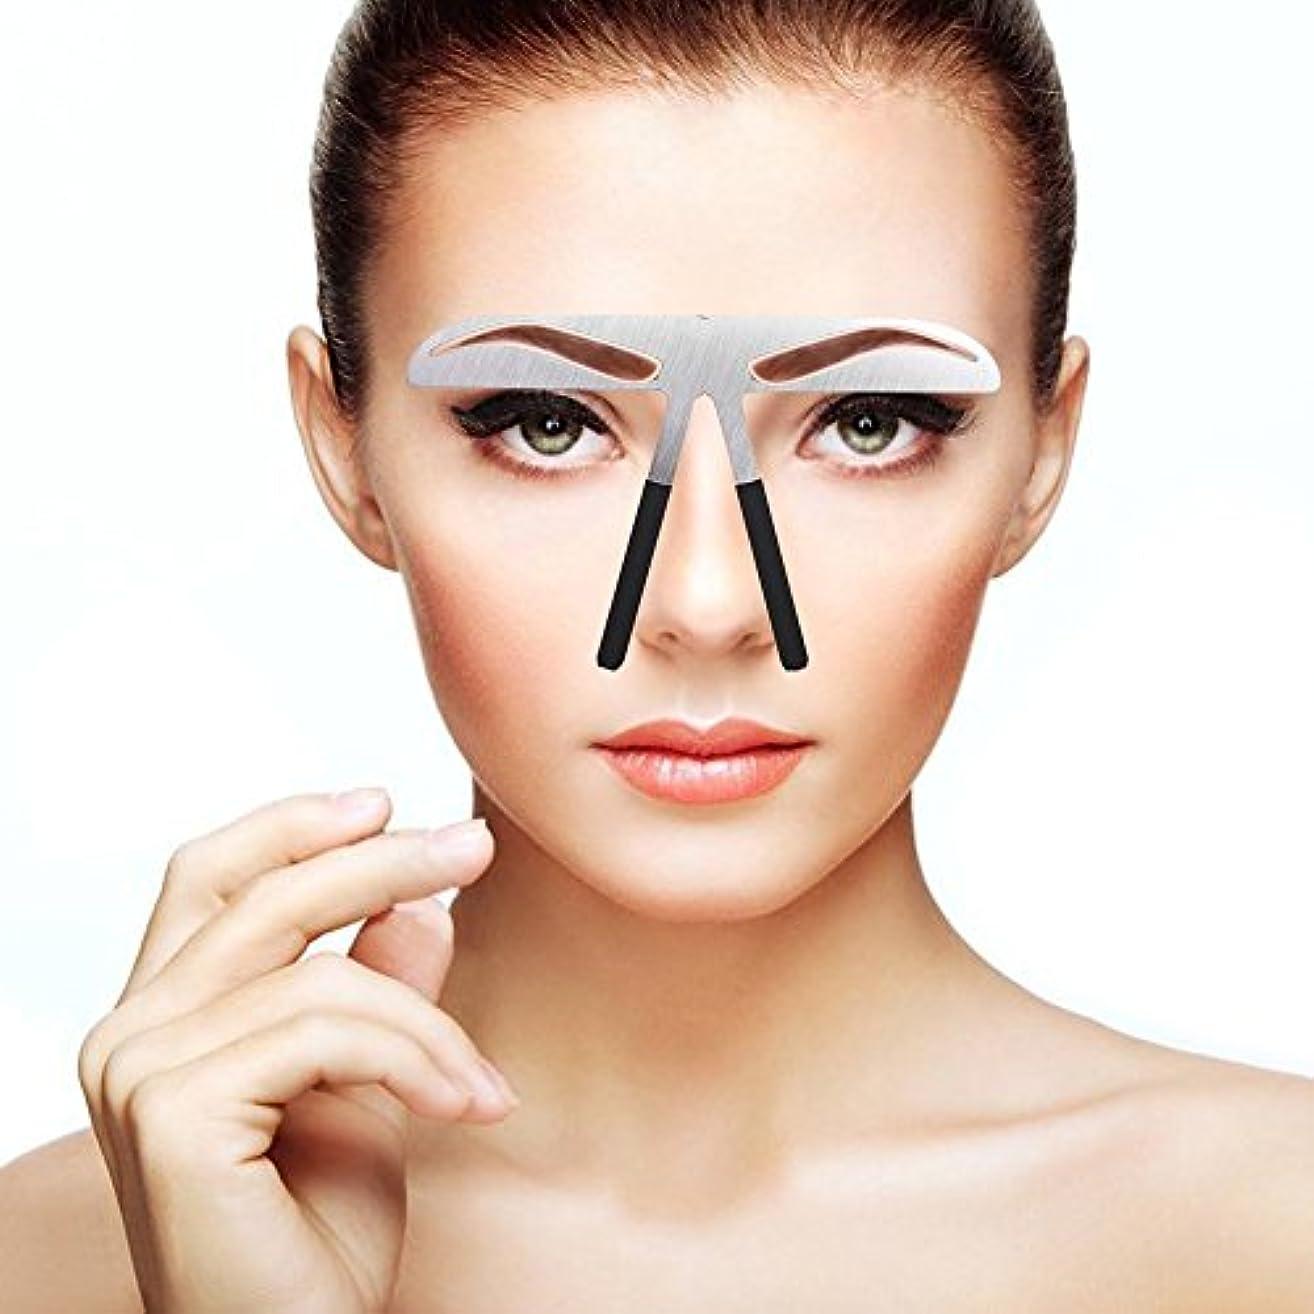 復活させる覚えている見出し眉毛テンプレート 眉毛の定規 メイクアップ 美容ツール アイブローテンプレート アートメイク用定規 美容用 恒久化粧ツール 左右対称 位置決め (01)